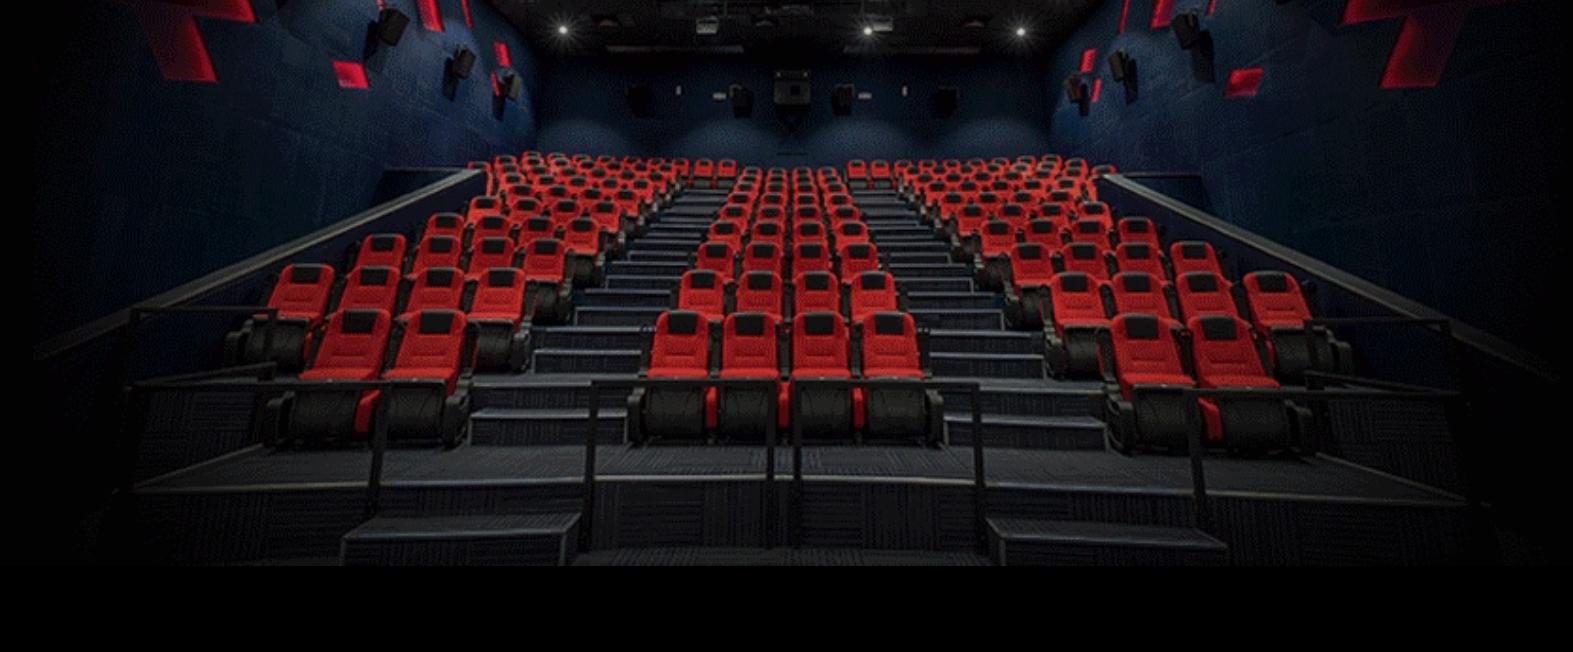 Vista Cinemas Presents Weekday 49ers Dateline Movies -> Fotos De Cinemas